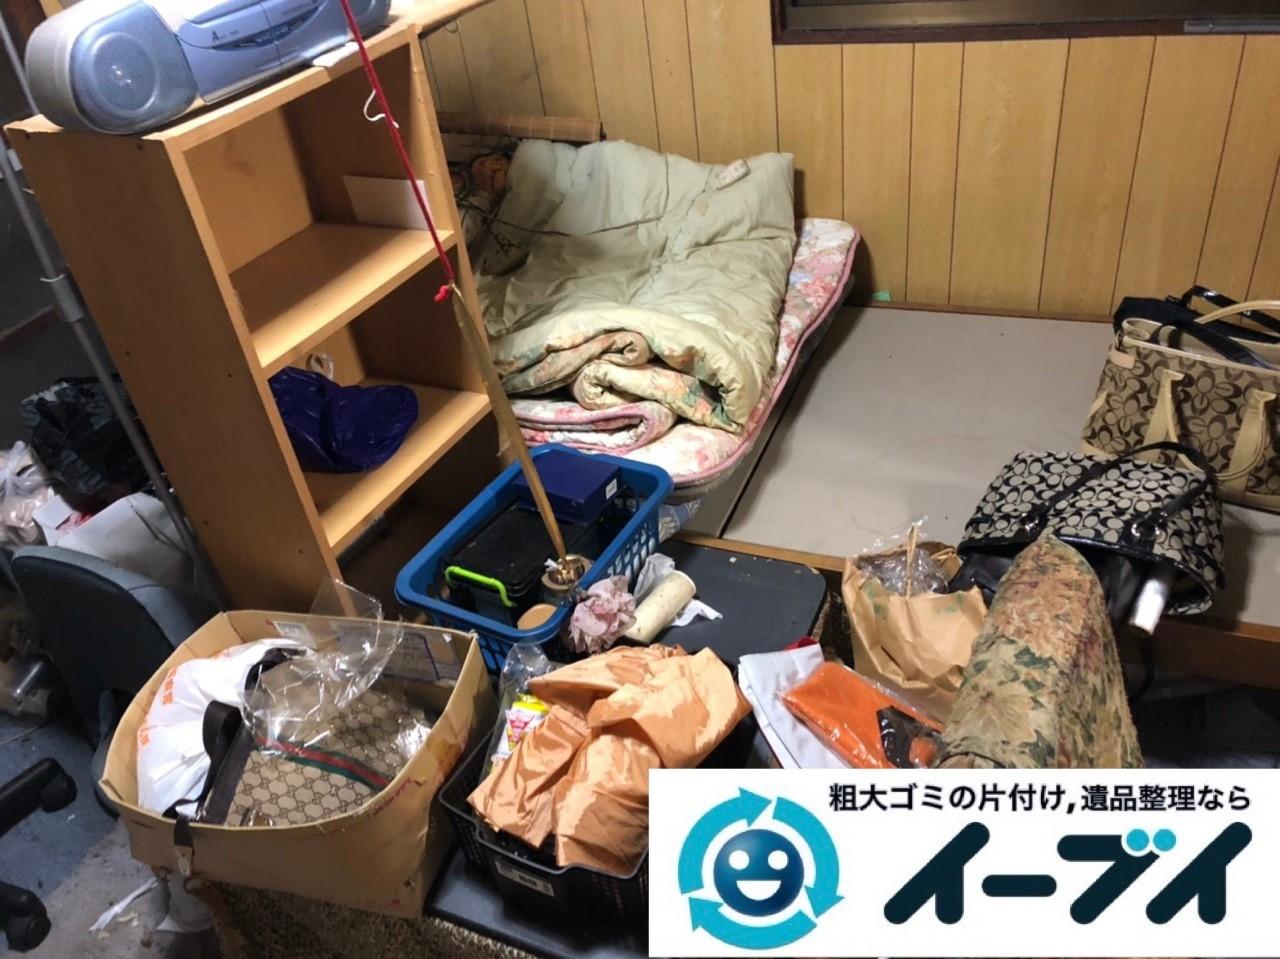 2019年6月4日大阪府岸和田市でベッドの大型家具、衣類やバッグの生活用品などの不用品回収。写真2